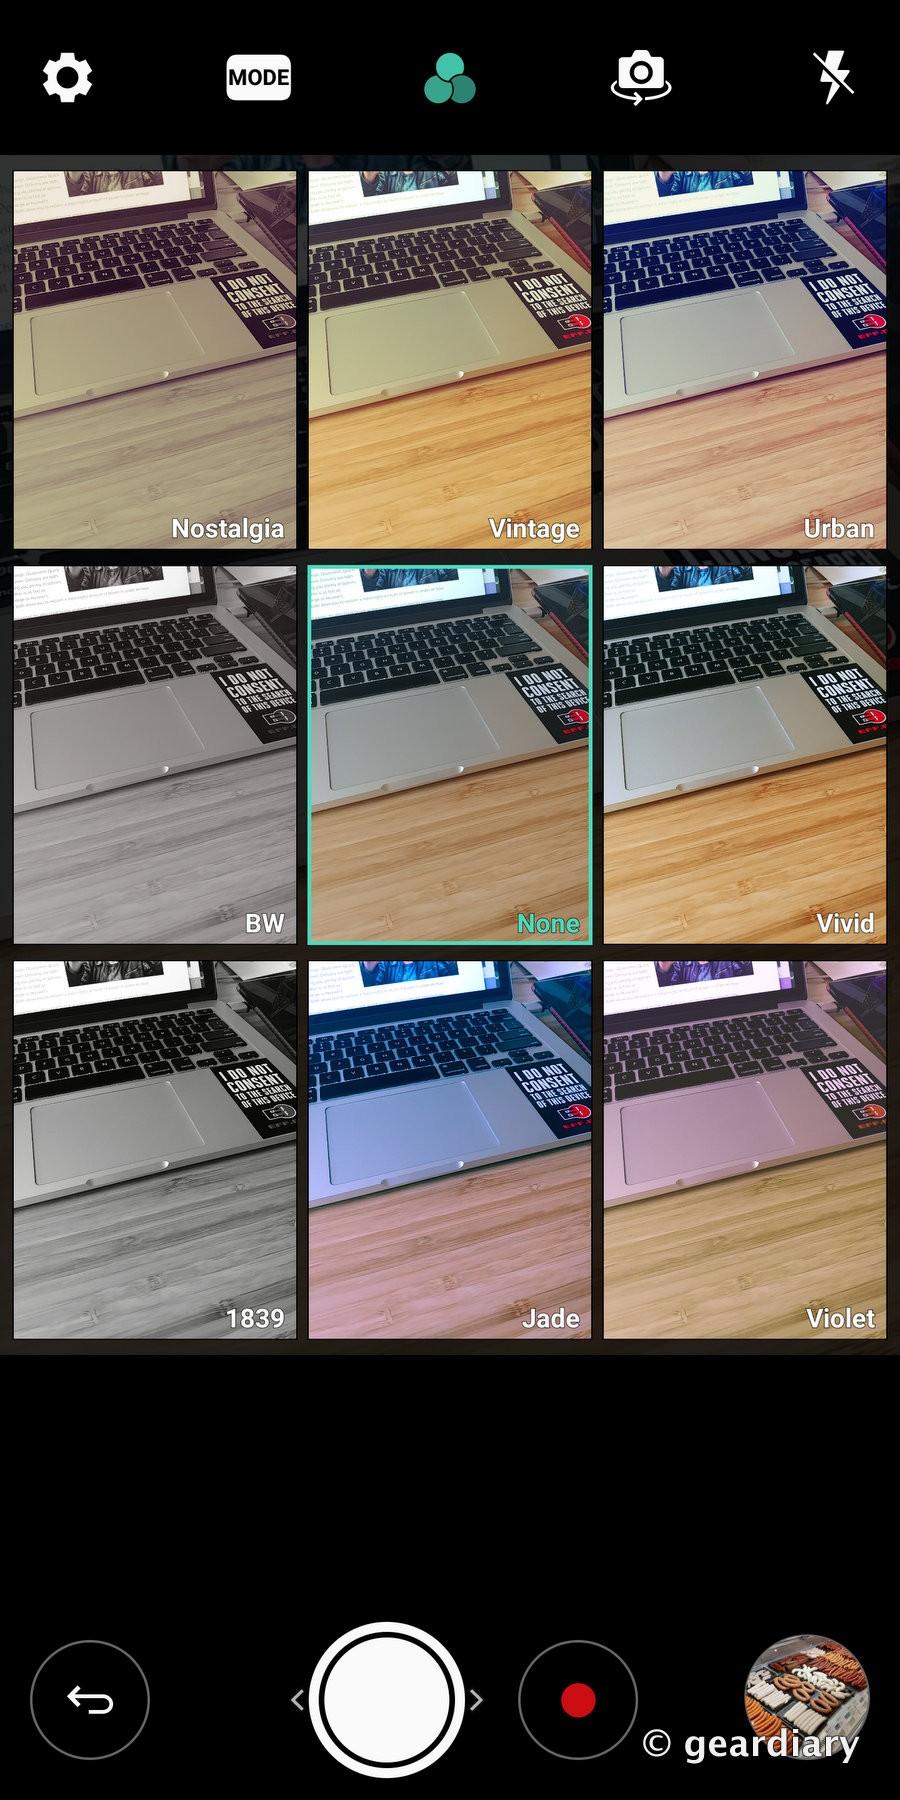 1-LG V30 camera features – GearDiary